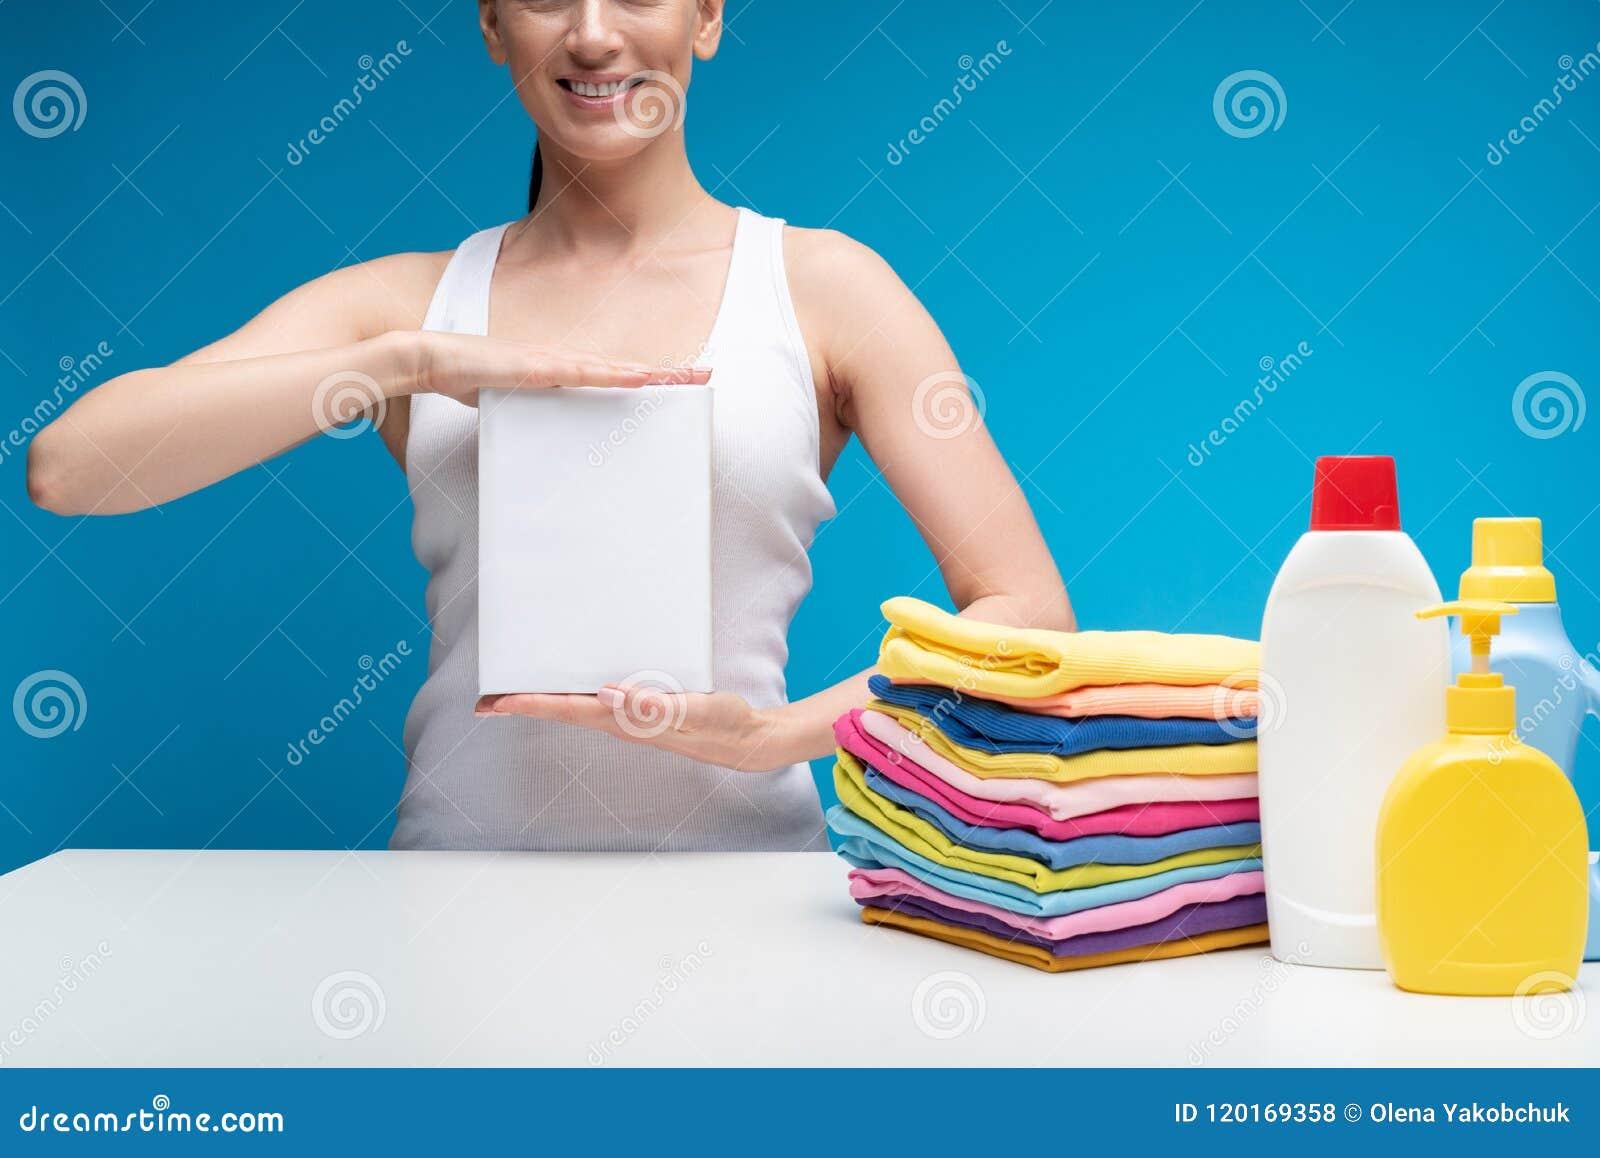 Uśmiechnięta kobieta pokazuje ona ulubionego detergent